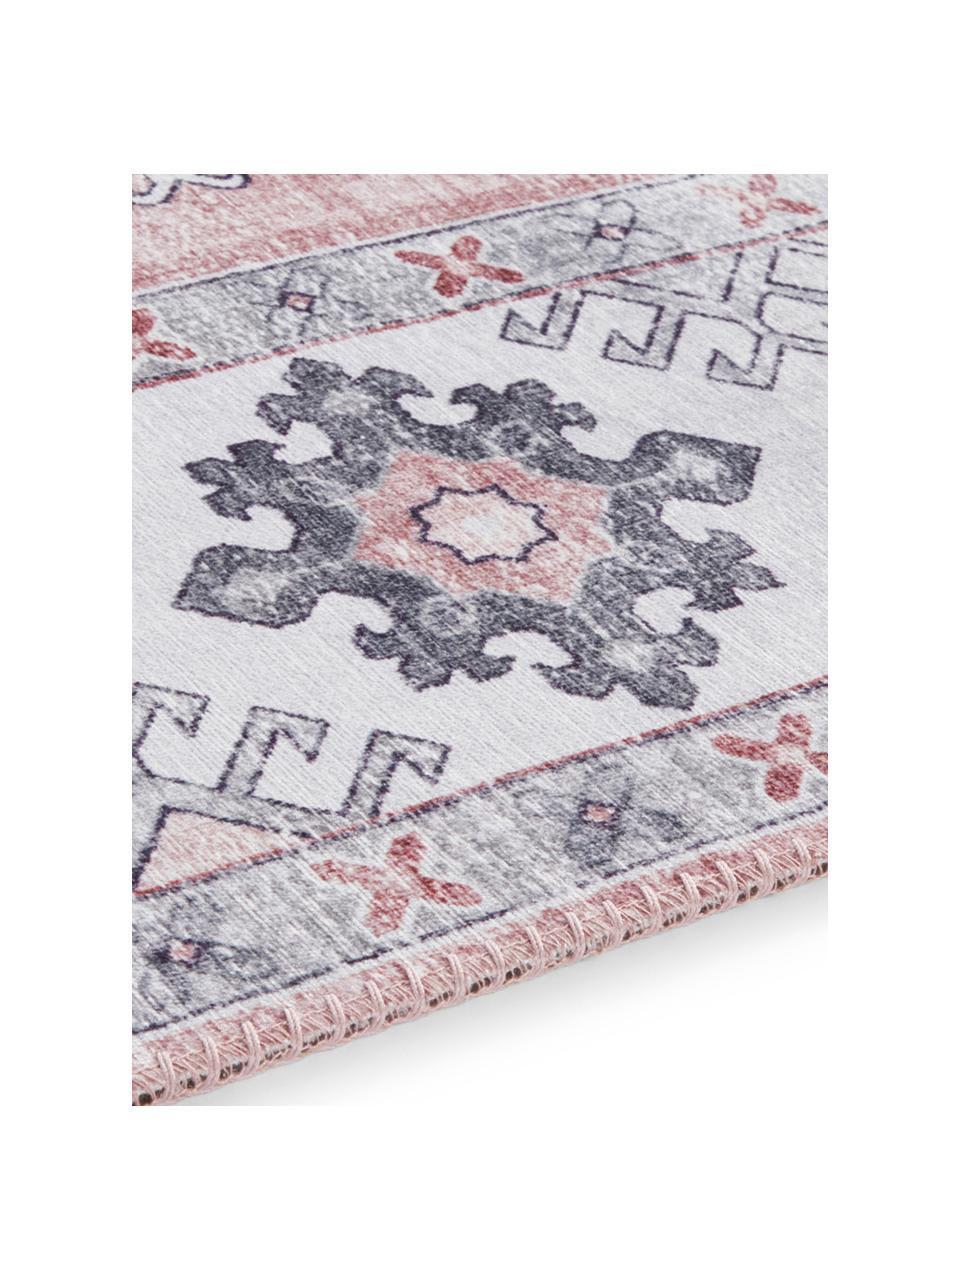 Teppich Gratia im Vintage Style, 100% Polyester, Altrosa, Grau, B 200 x L 290 cm (Größe L)